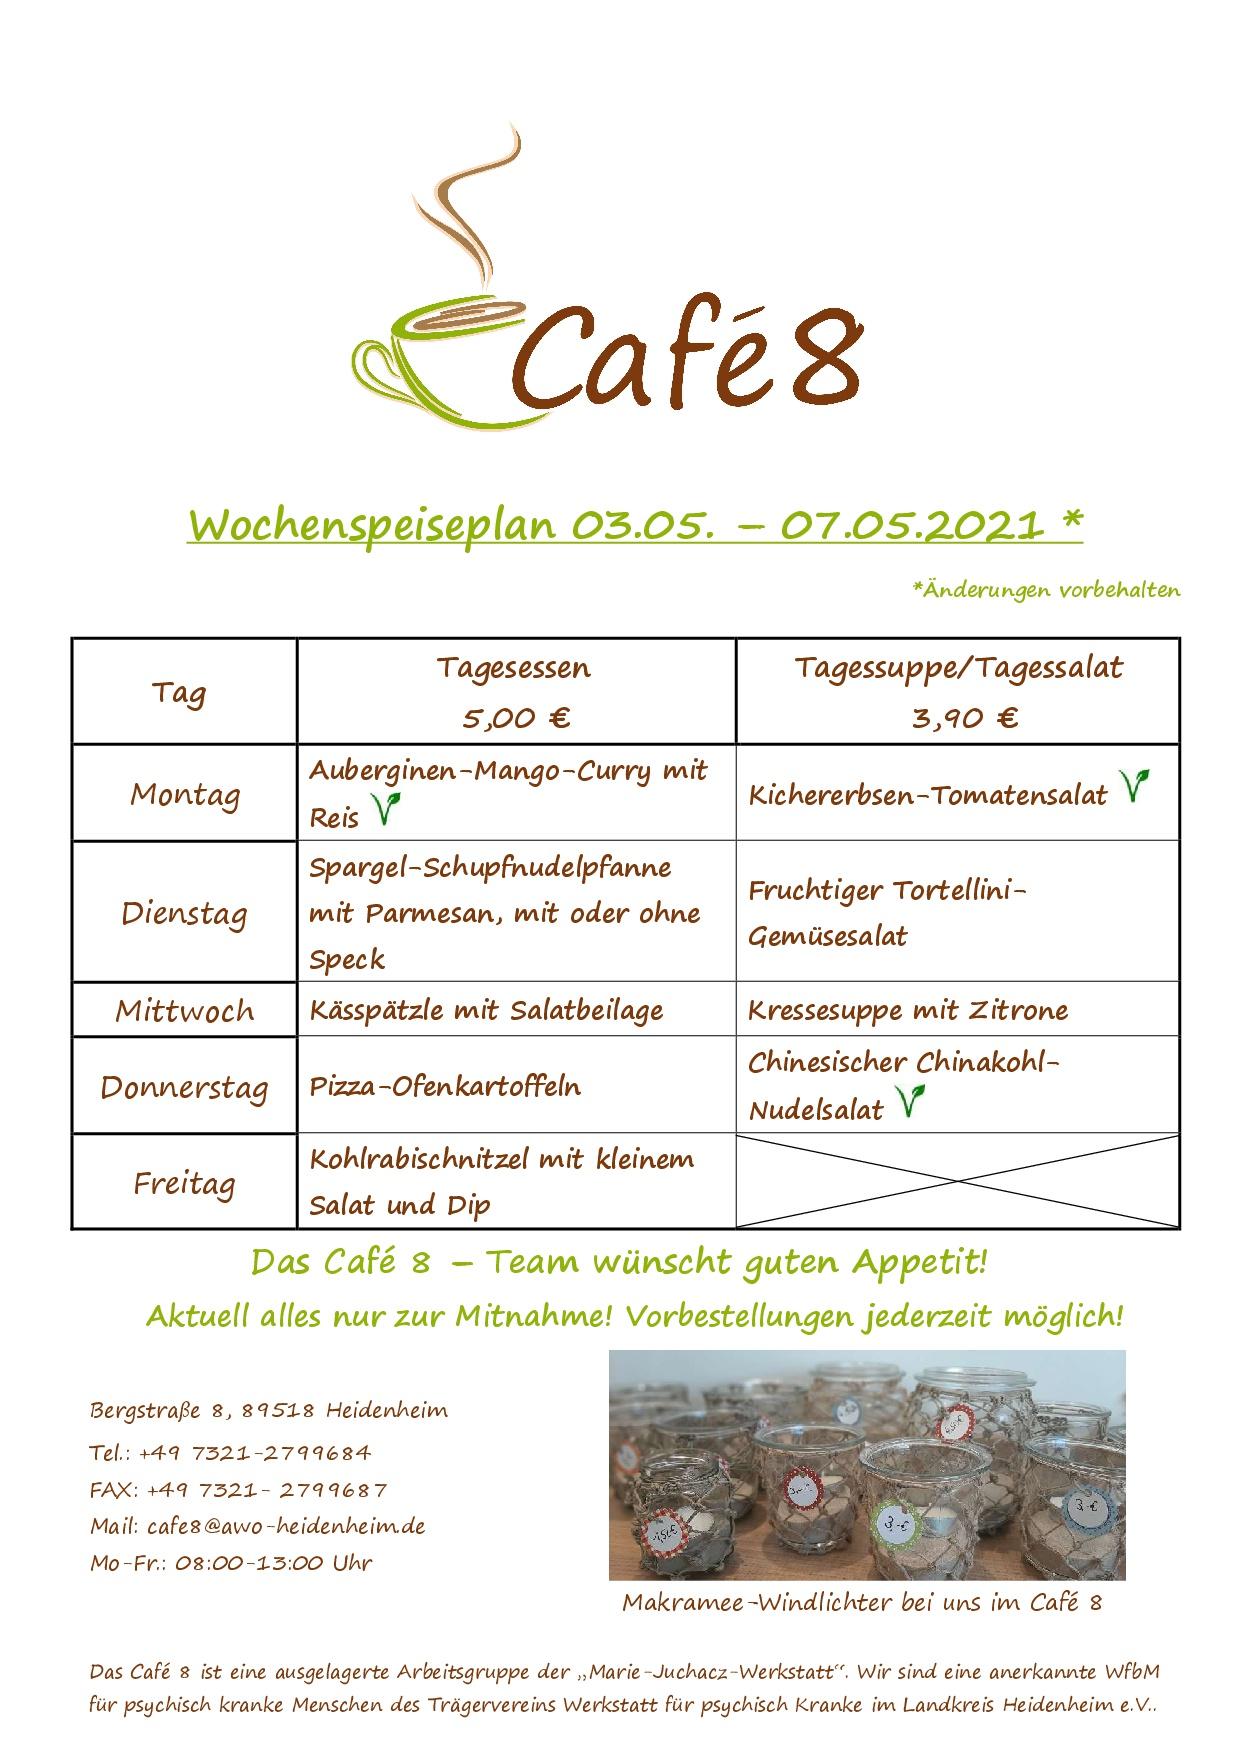 Cafe8_Wochenspeiseplan_KW18_2021